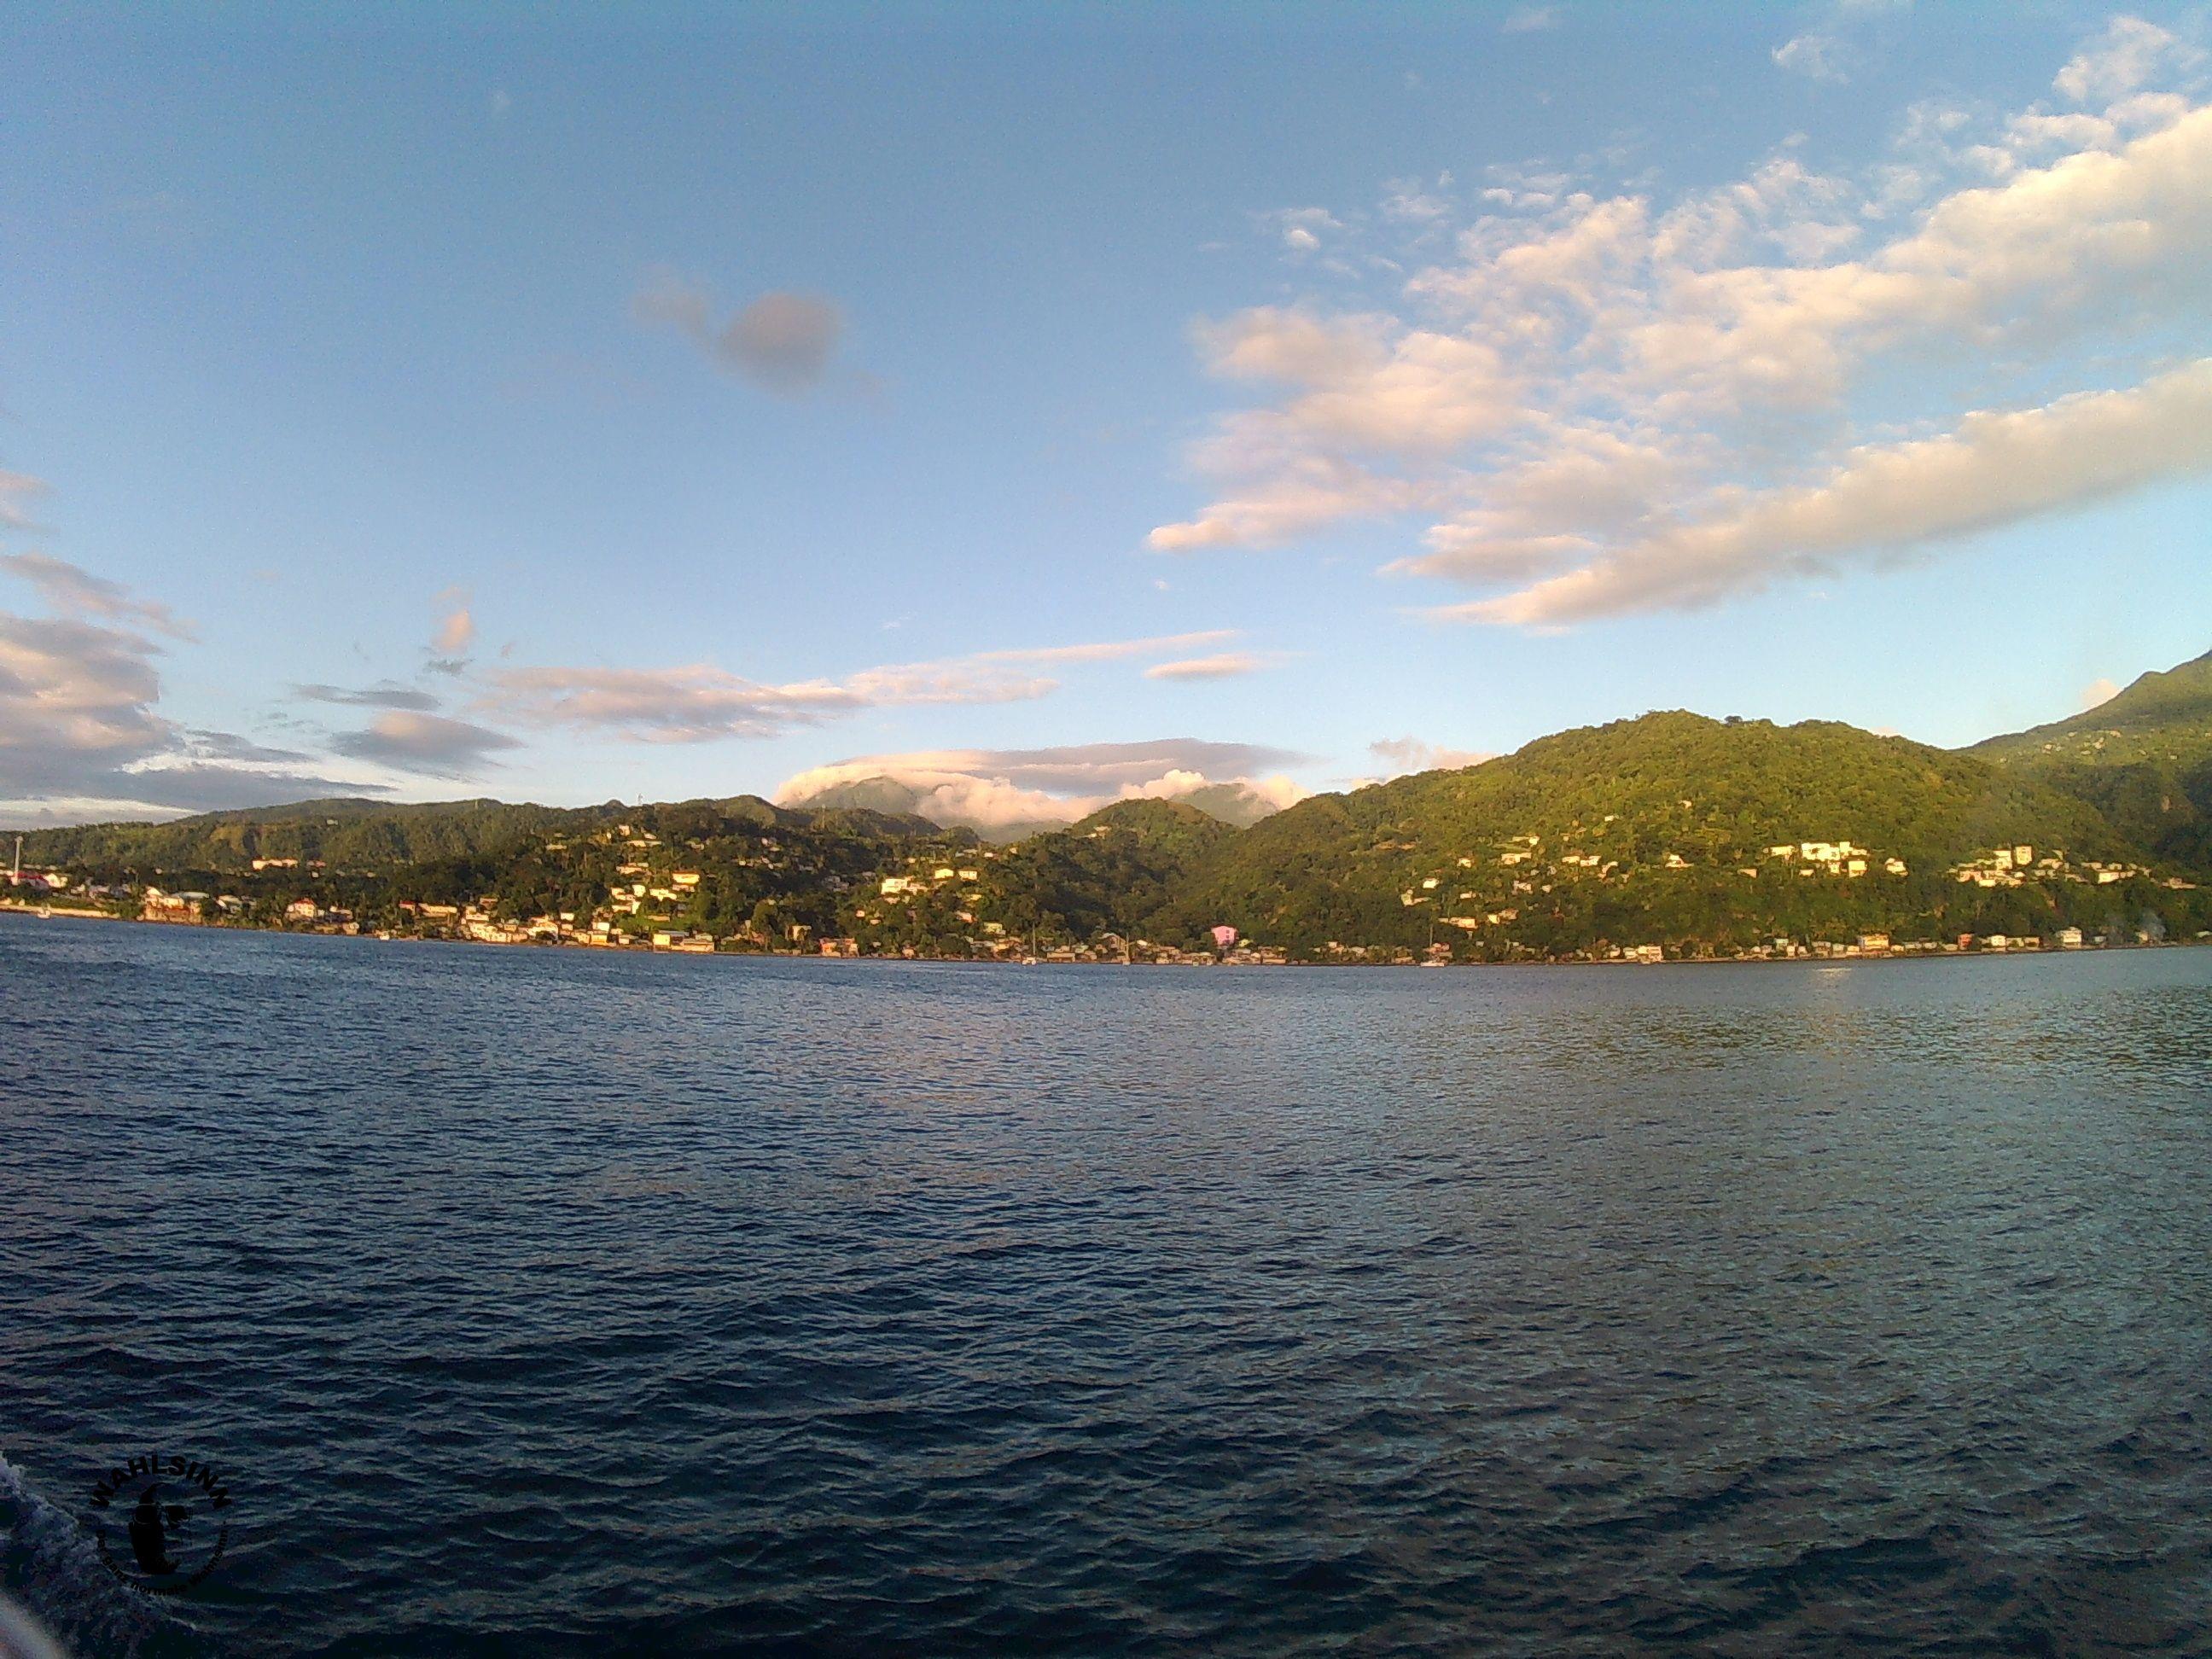 Dominica - Die Küste von Dominica ist schon atemberaubend